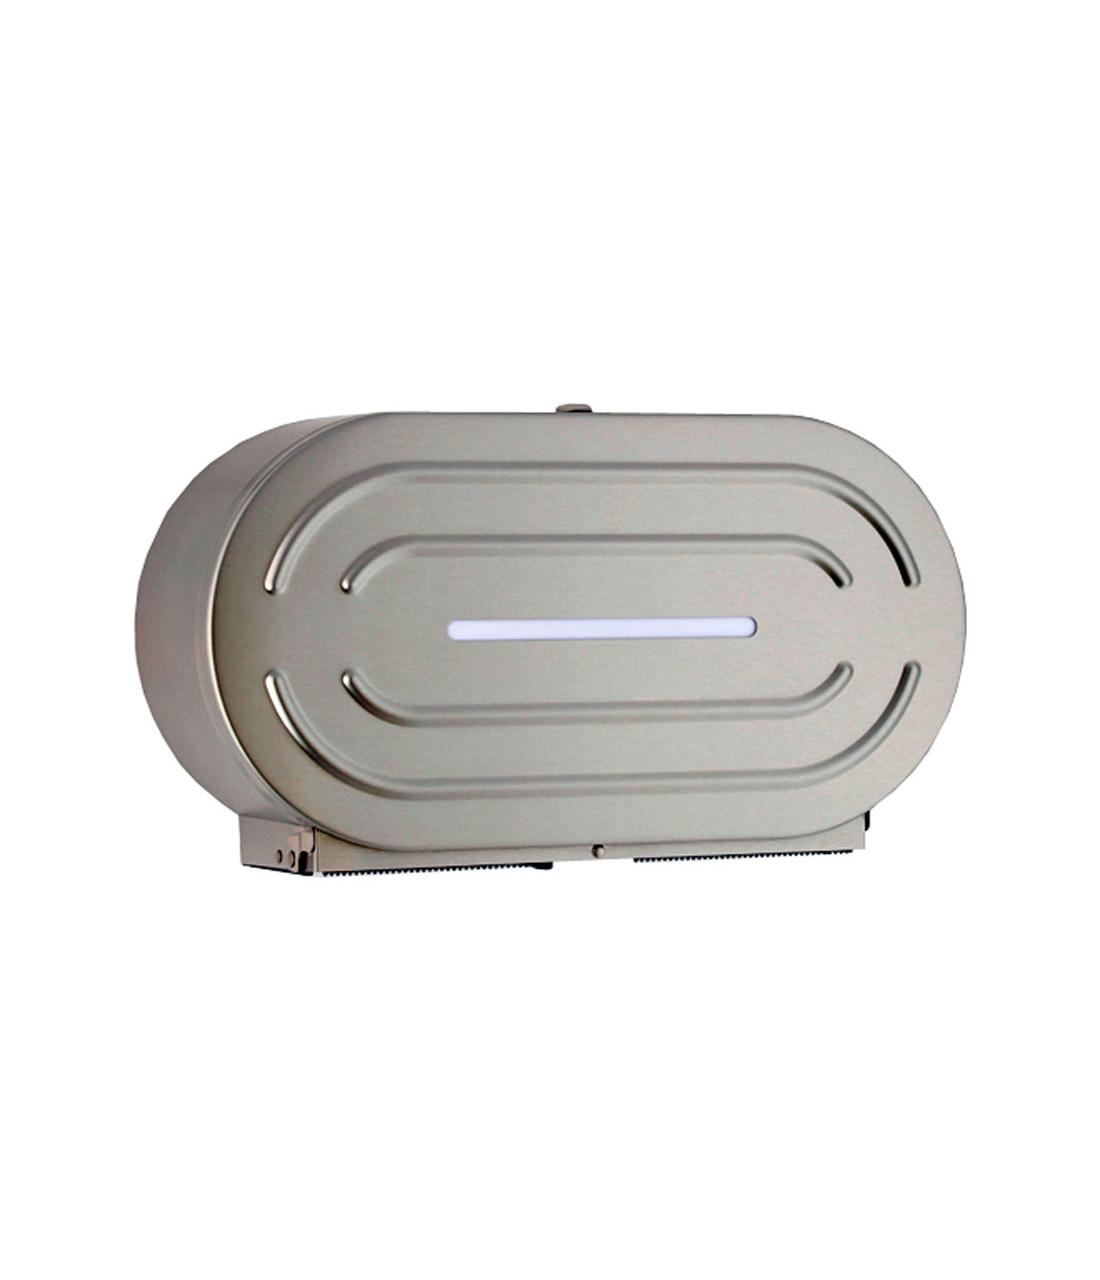 Gamco TTD-11 Jumbo-Roll Toilet Tissue Dispenser